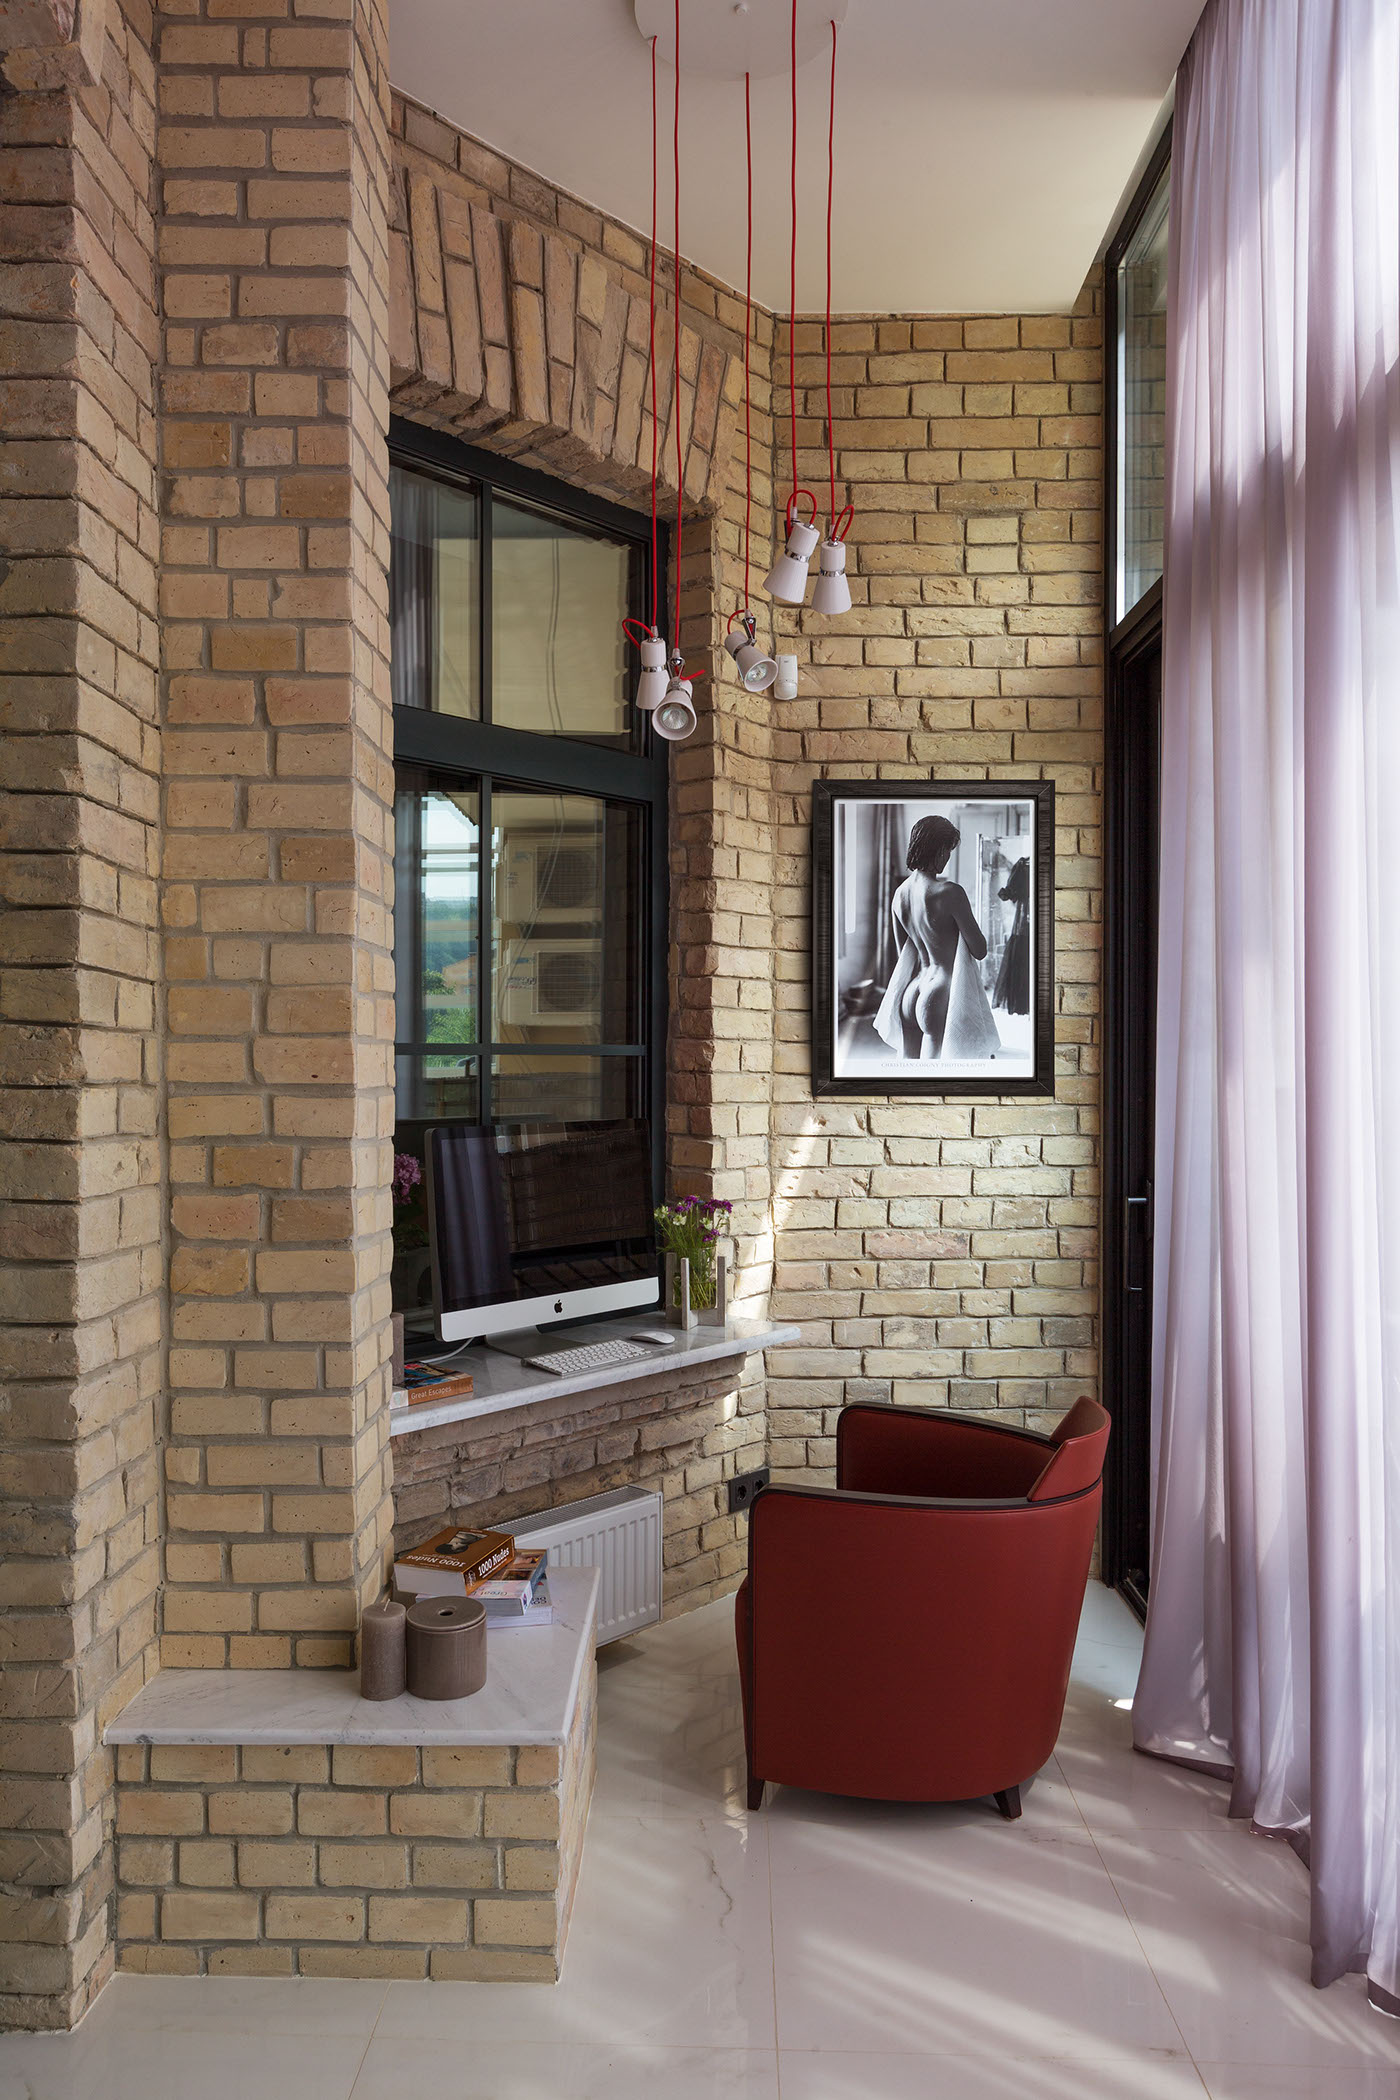 Элегантный интерьер квартиры смешивает два разных стиля.